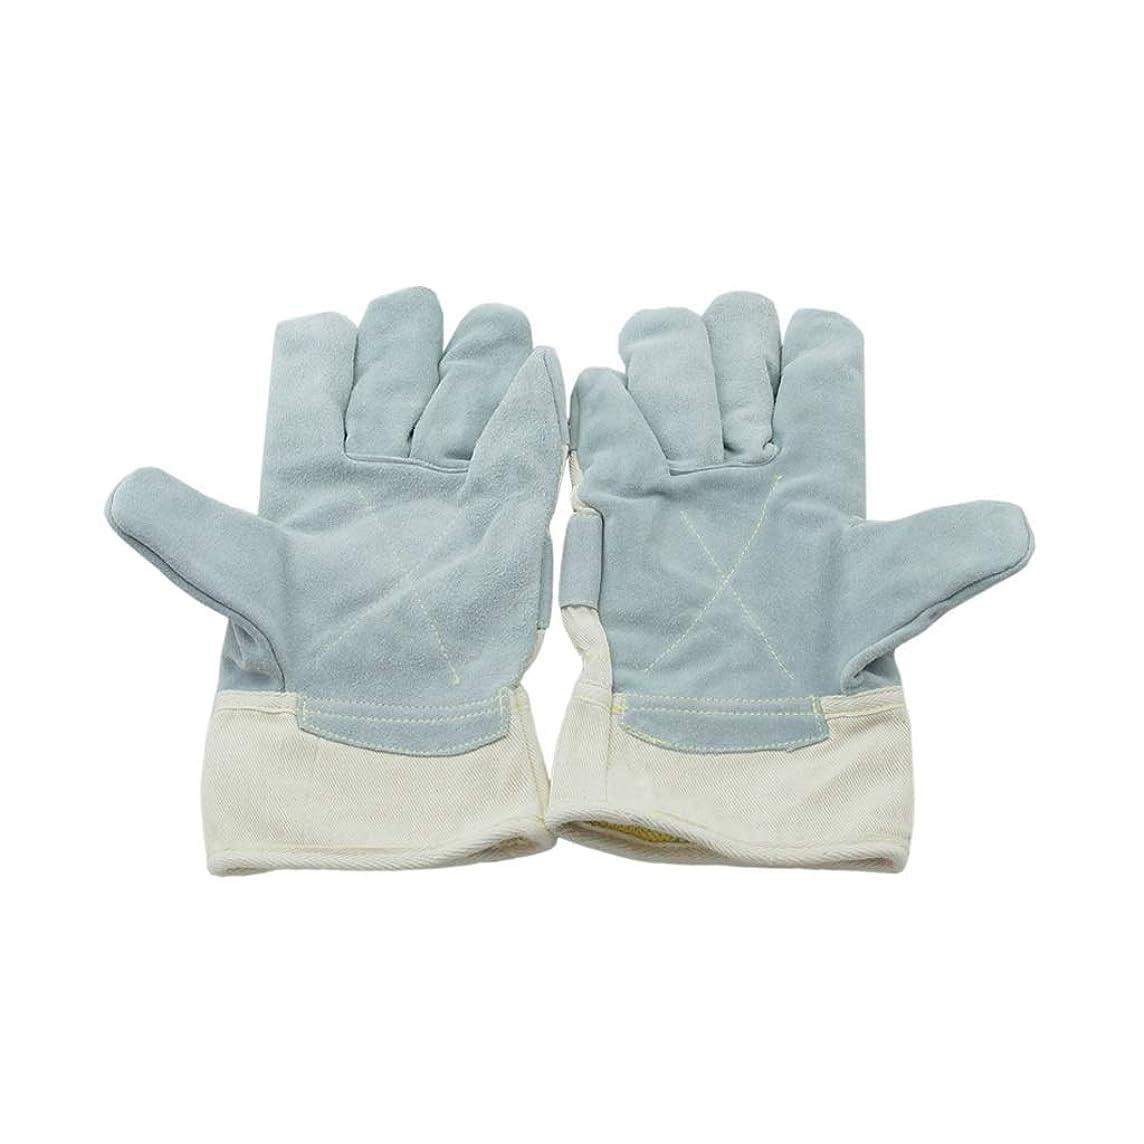 どこでも聴覚障害者持続するIUYWL手袋 ヘビーデューティカットプルーフ手袋革作業用手袋機械的保護耐パンク手袋耐摩耗性高温手袋 IUYWL手袋